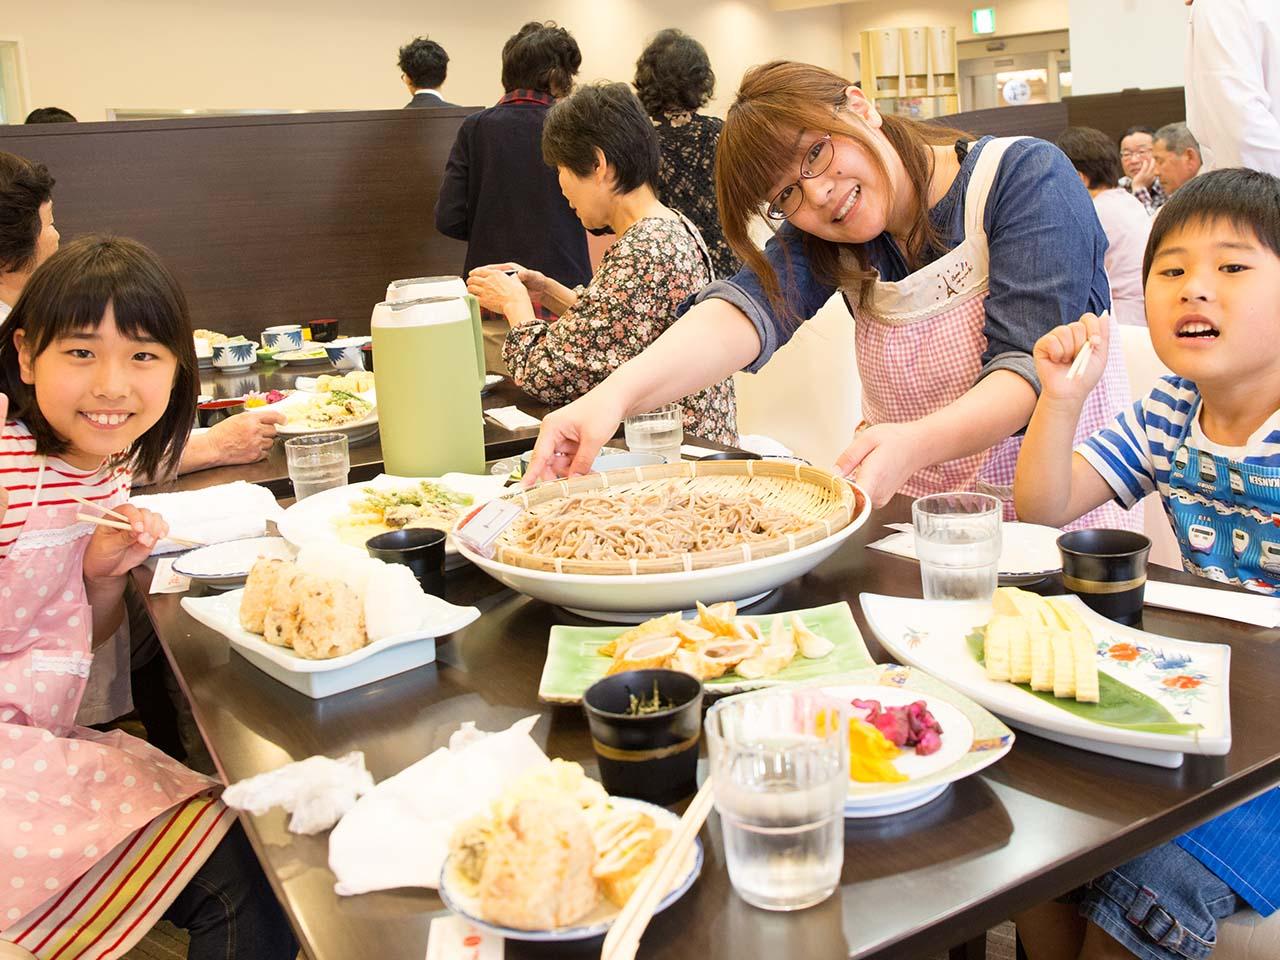 【徳島・祖谷・そば打ち体験】伝統の「祖谷そば」を手打ちして、その場で実食プラン